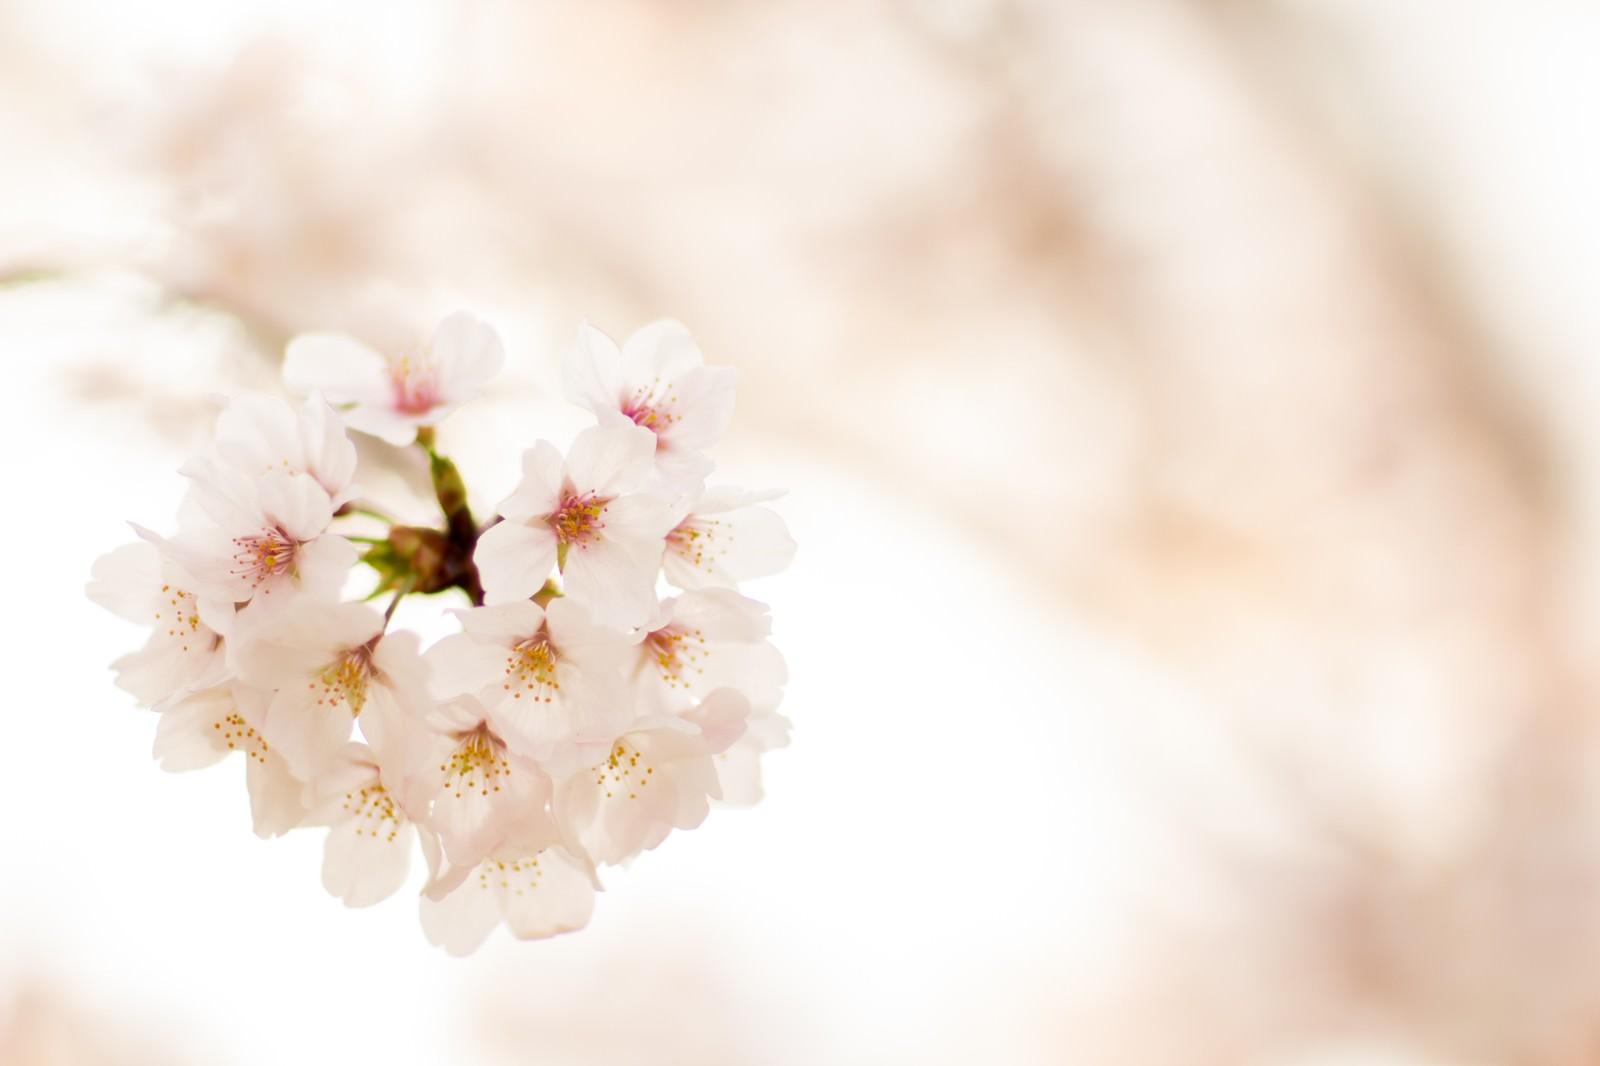 「春の訪れ」の写真